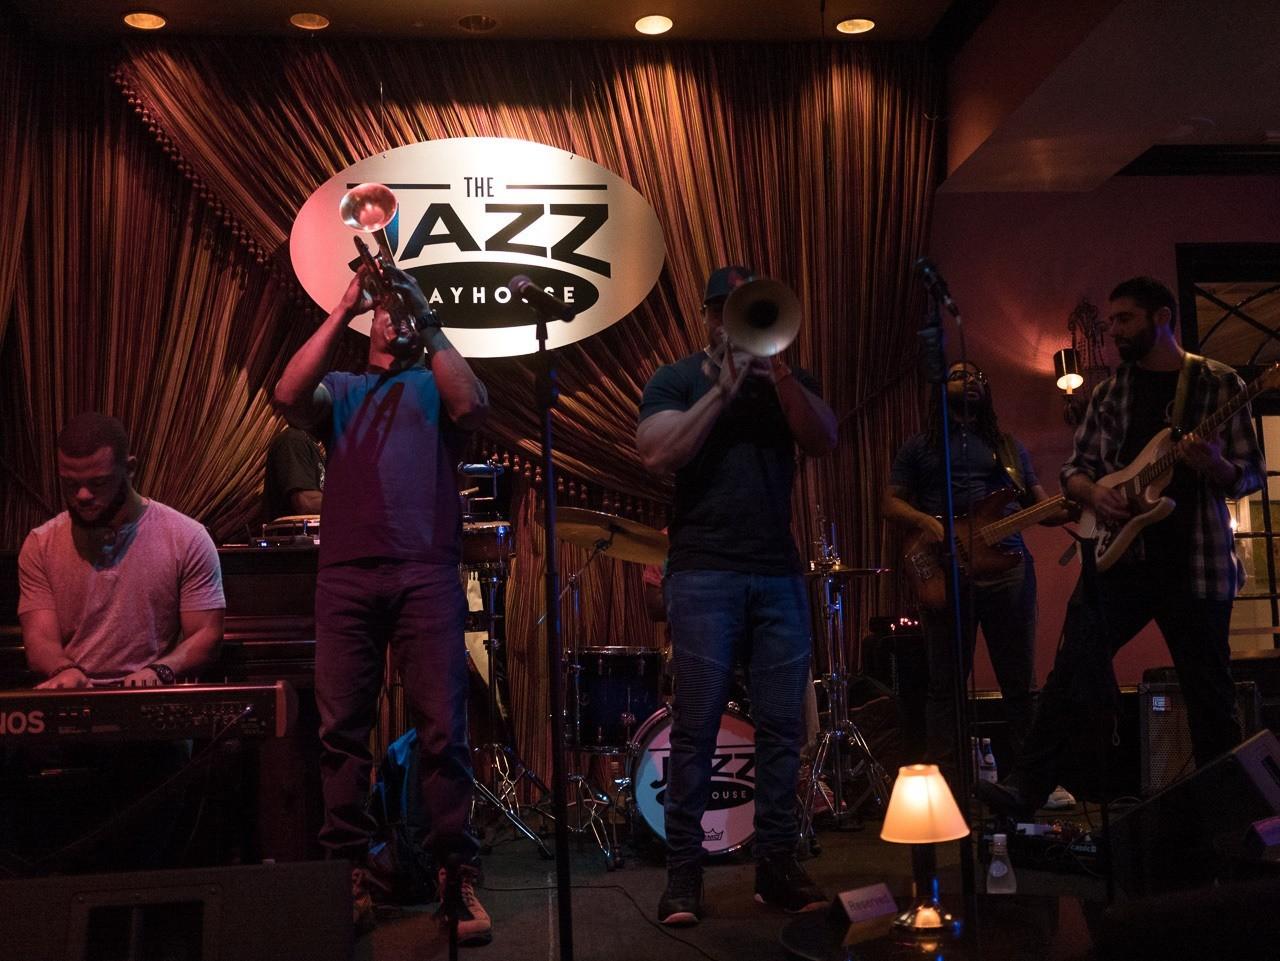 jazzplayhouse